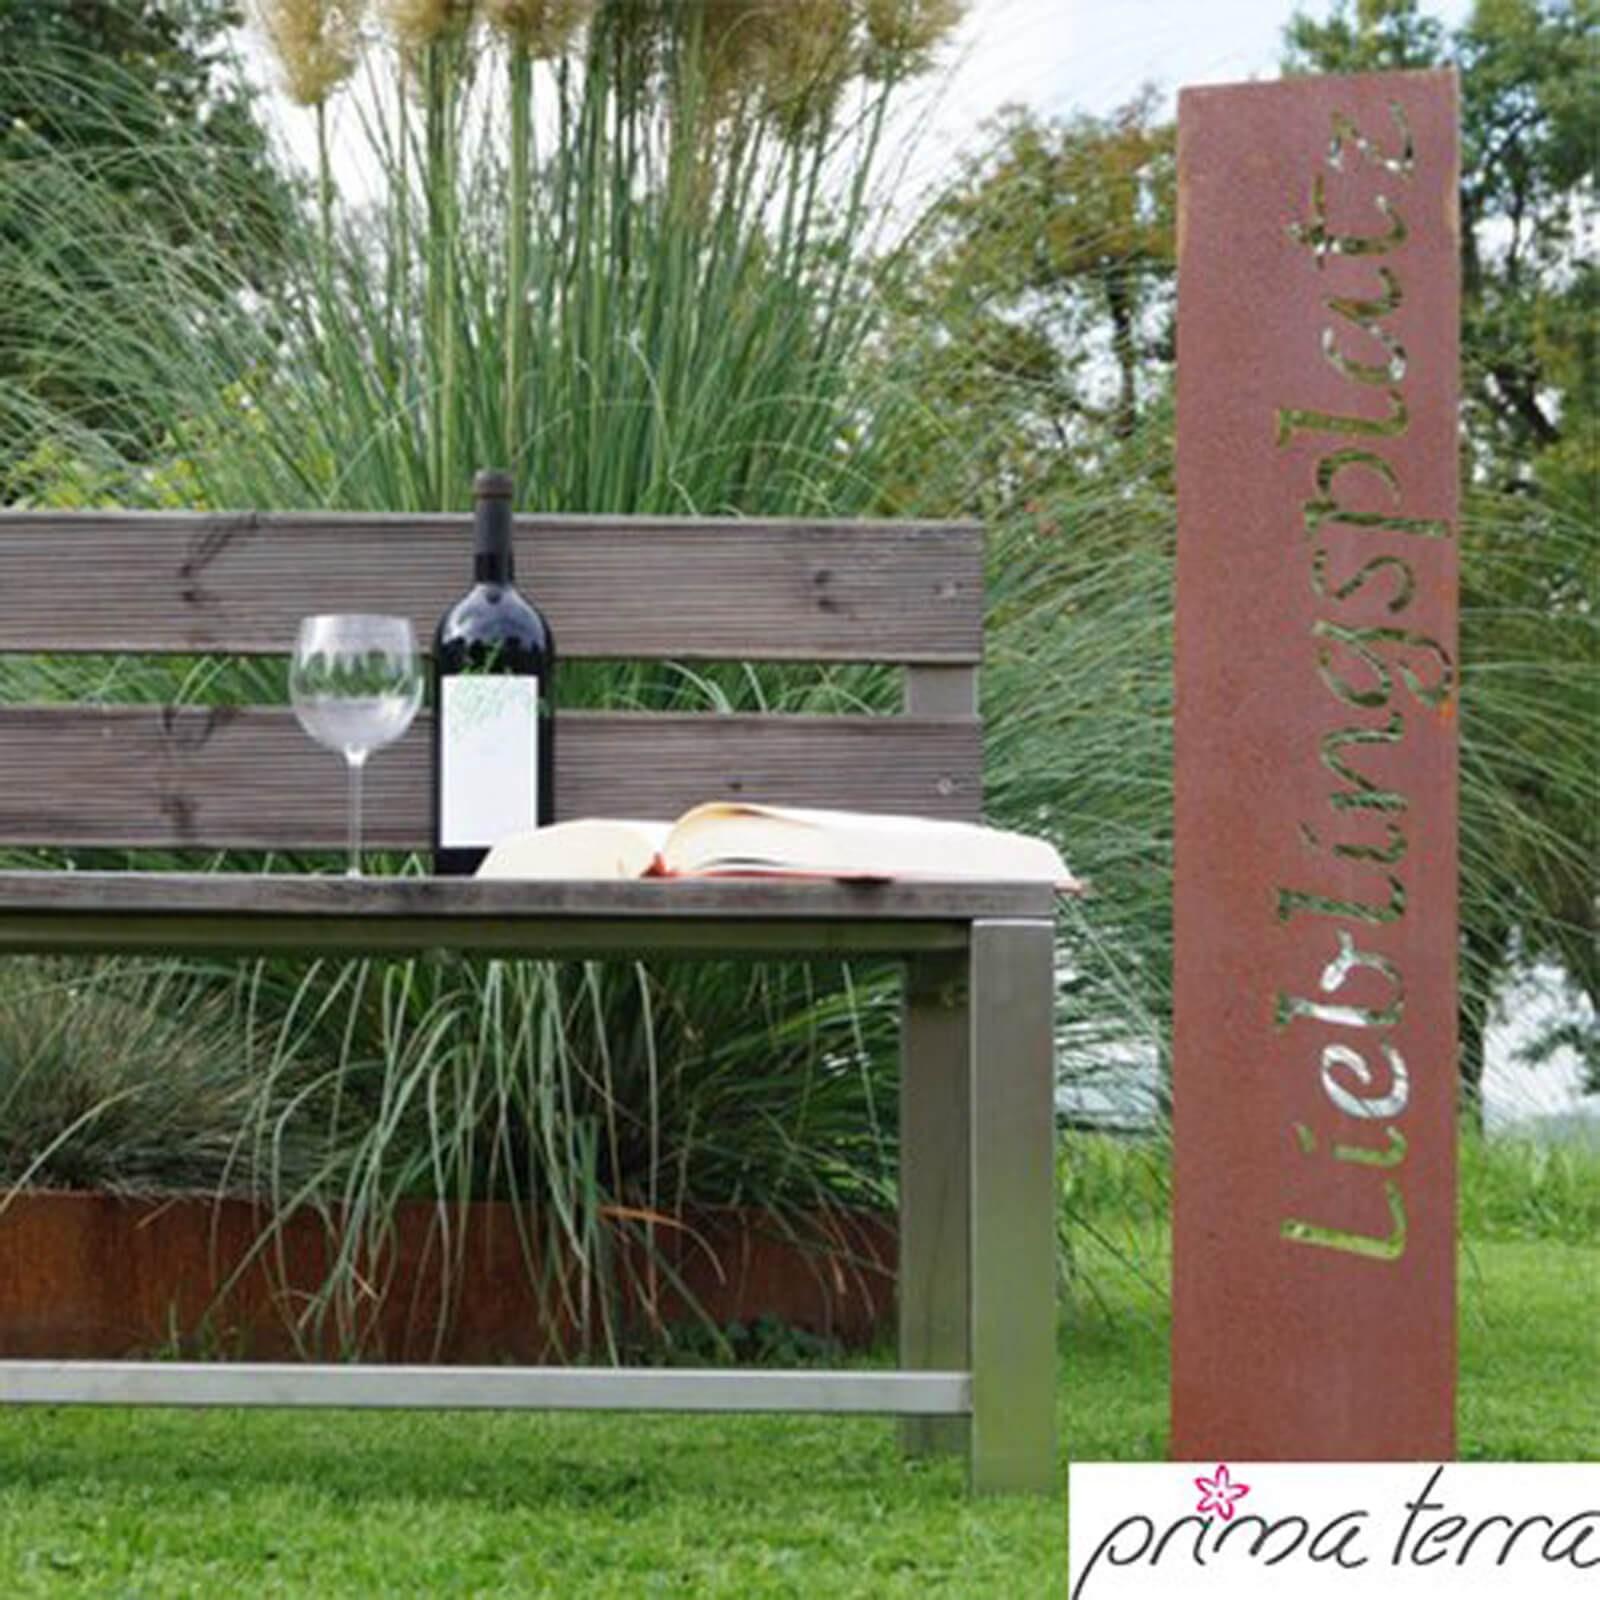 Prima terra edelrost gartenstecker lieblingsplatz for Gartenstecker edelrost